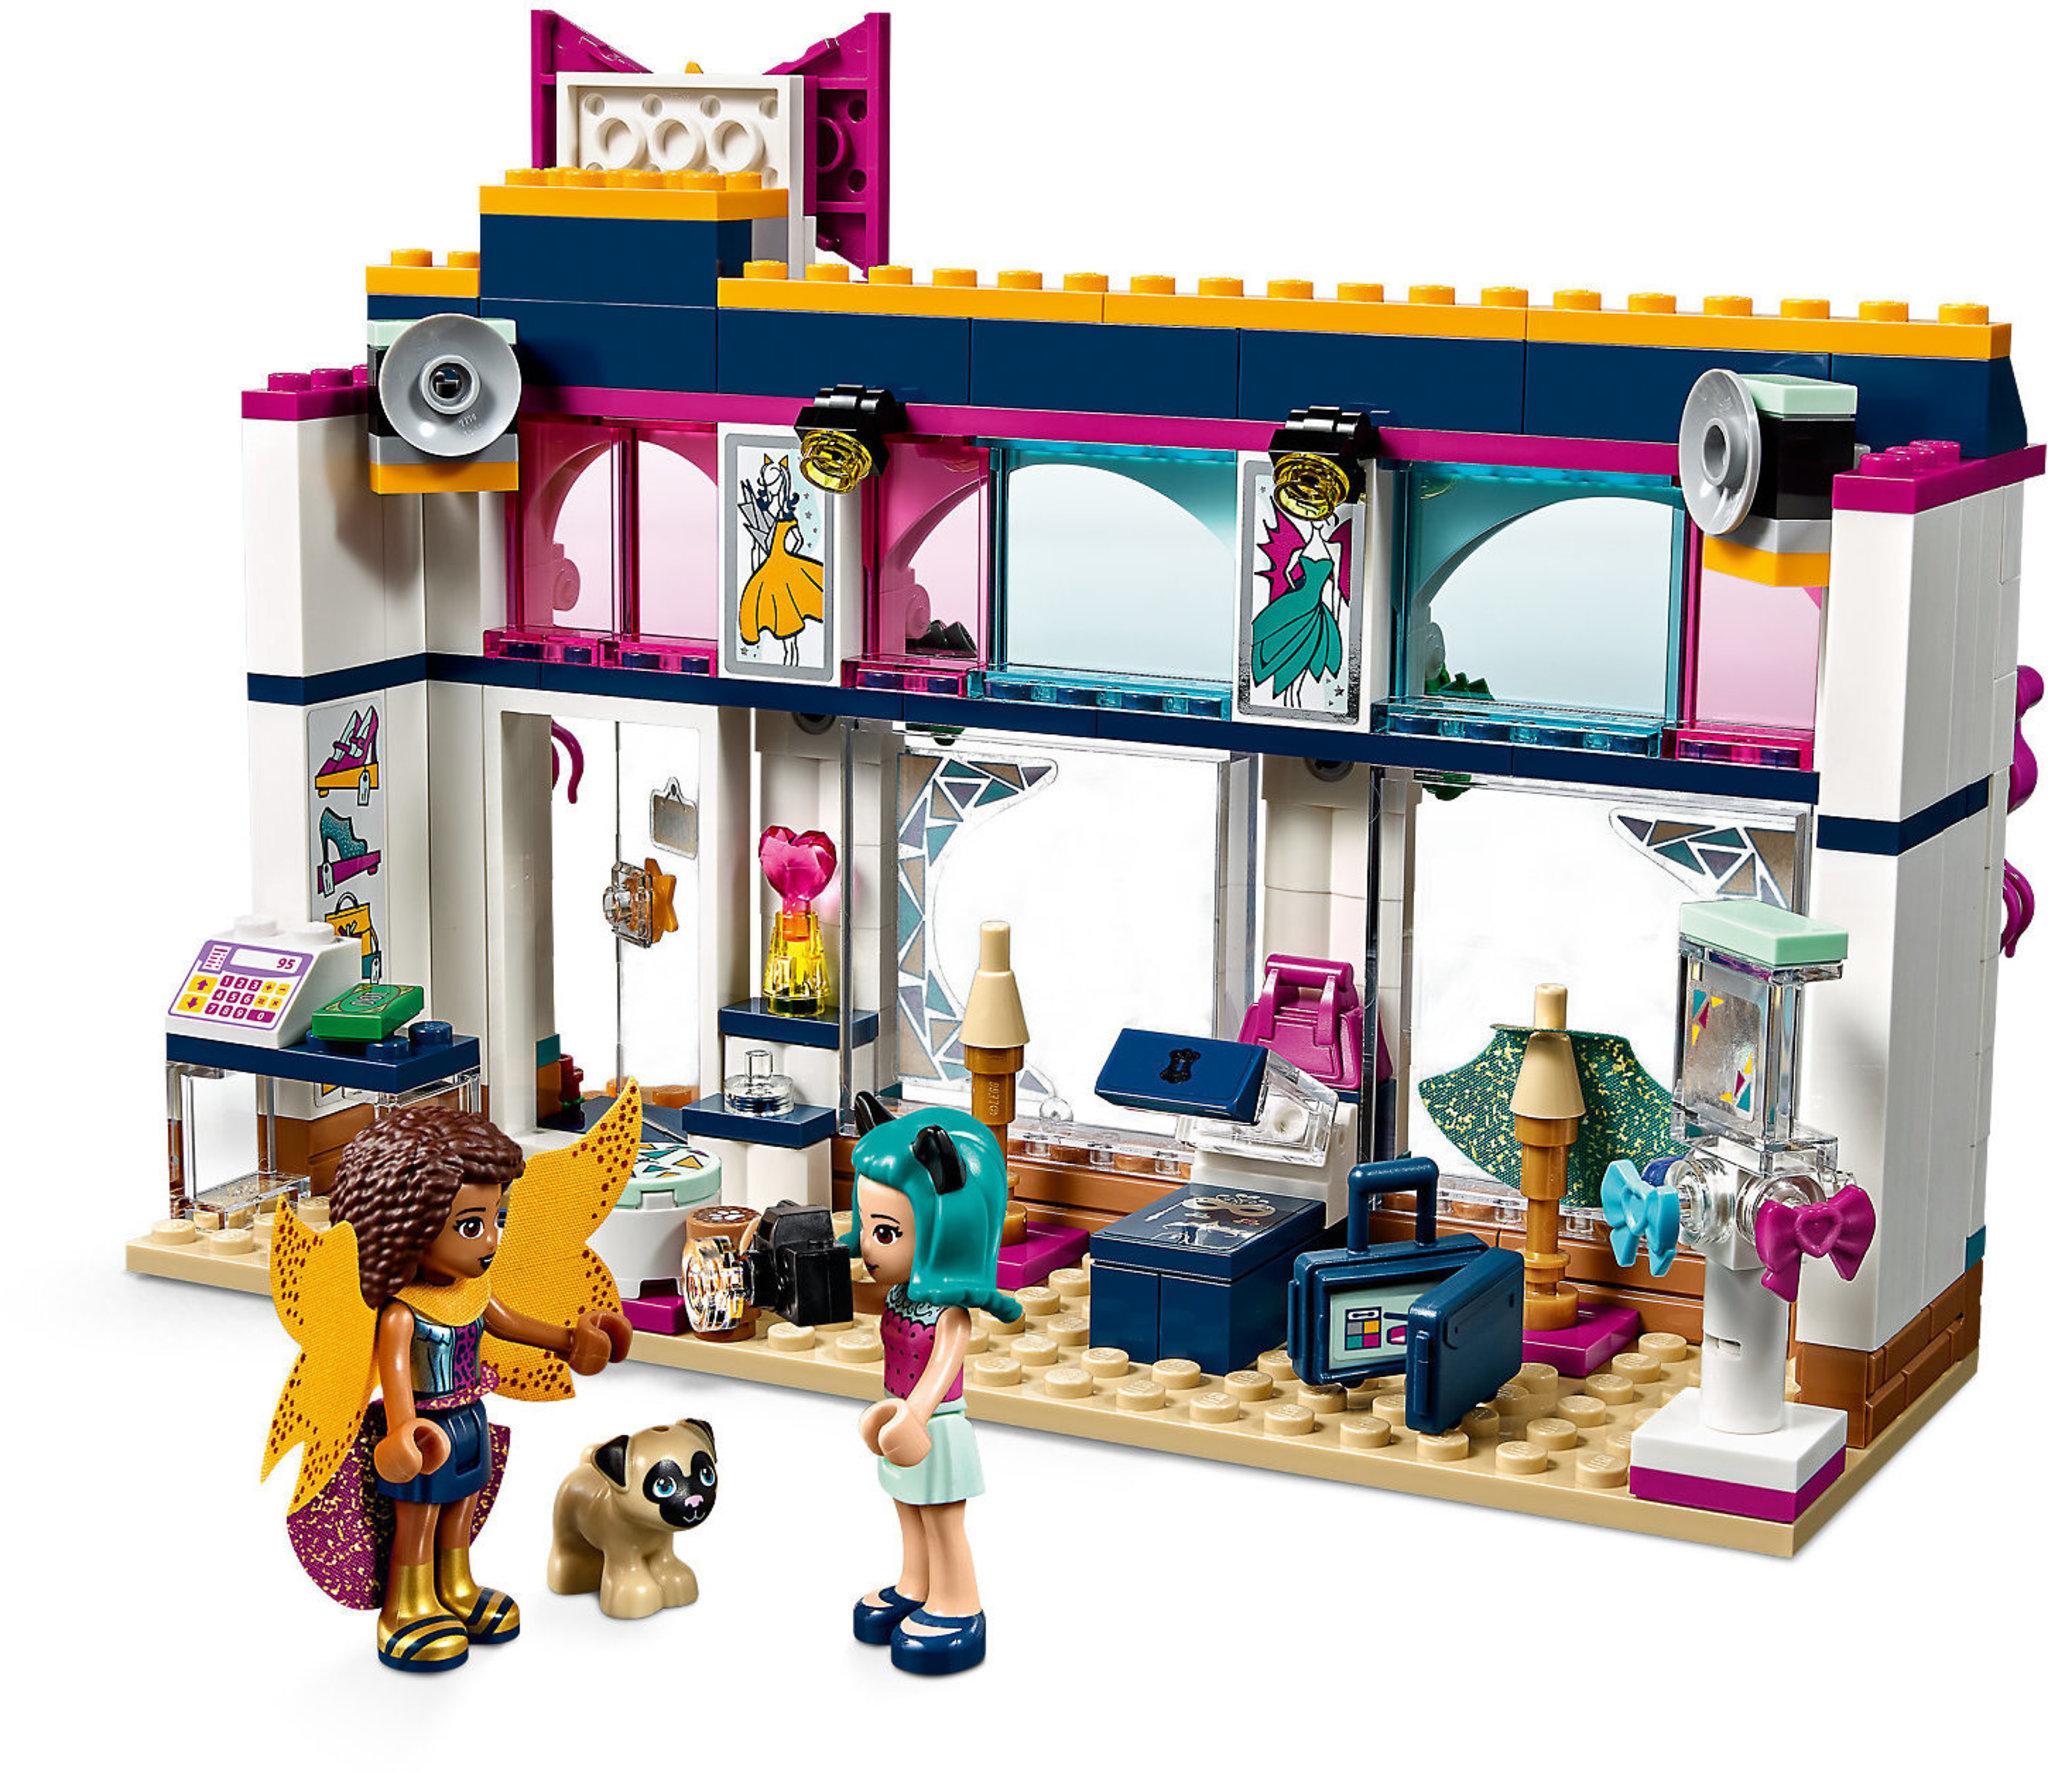 LEGO Friends 41344 - Andrea's Accessories Store   Mattonito